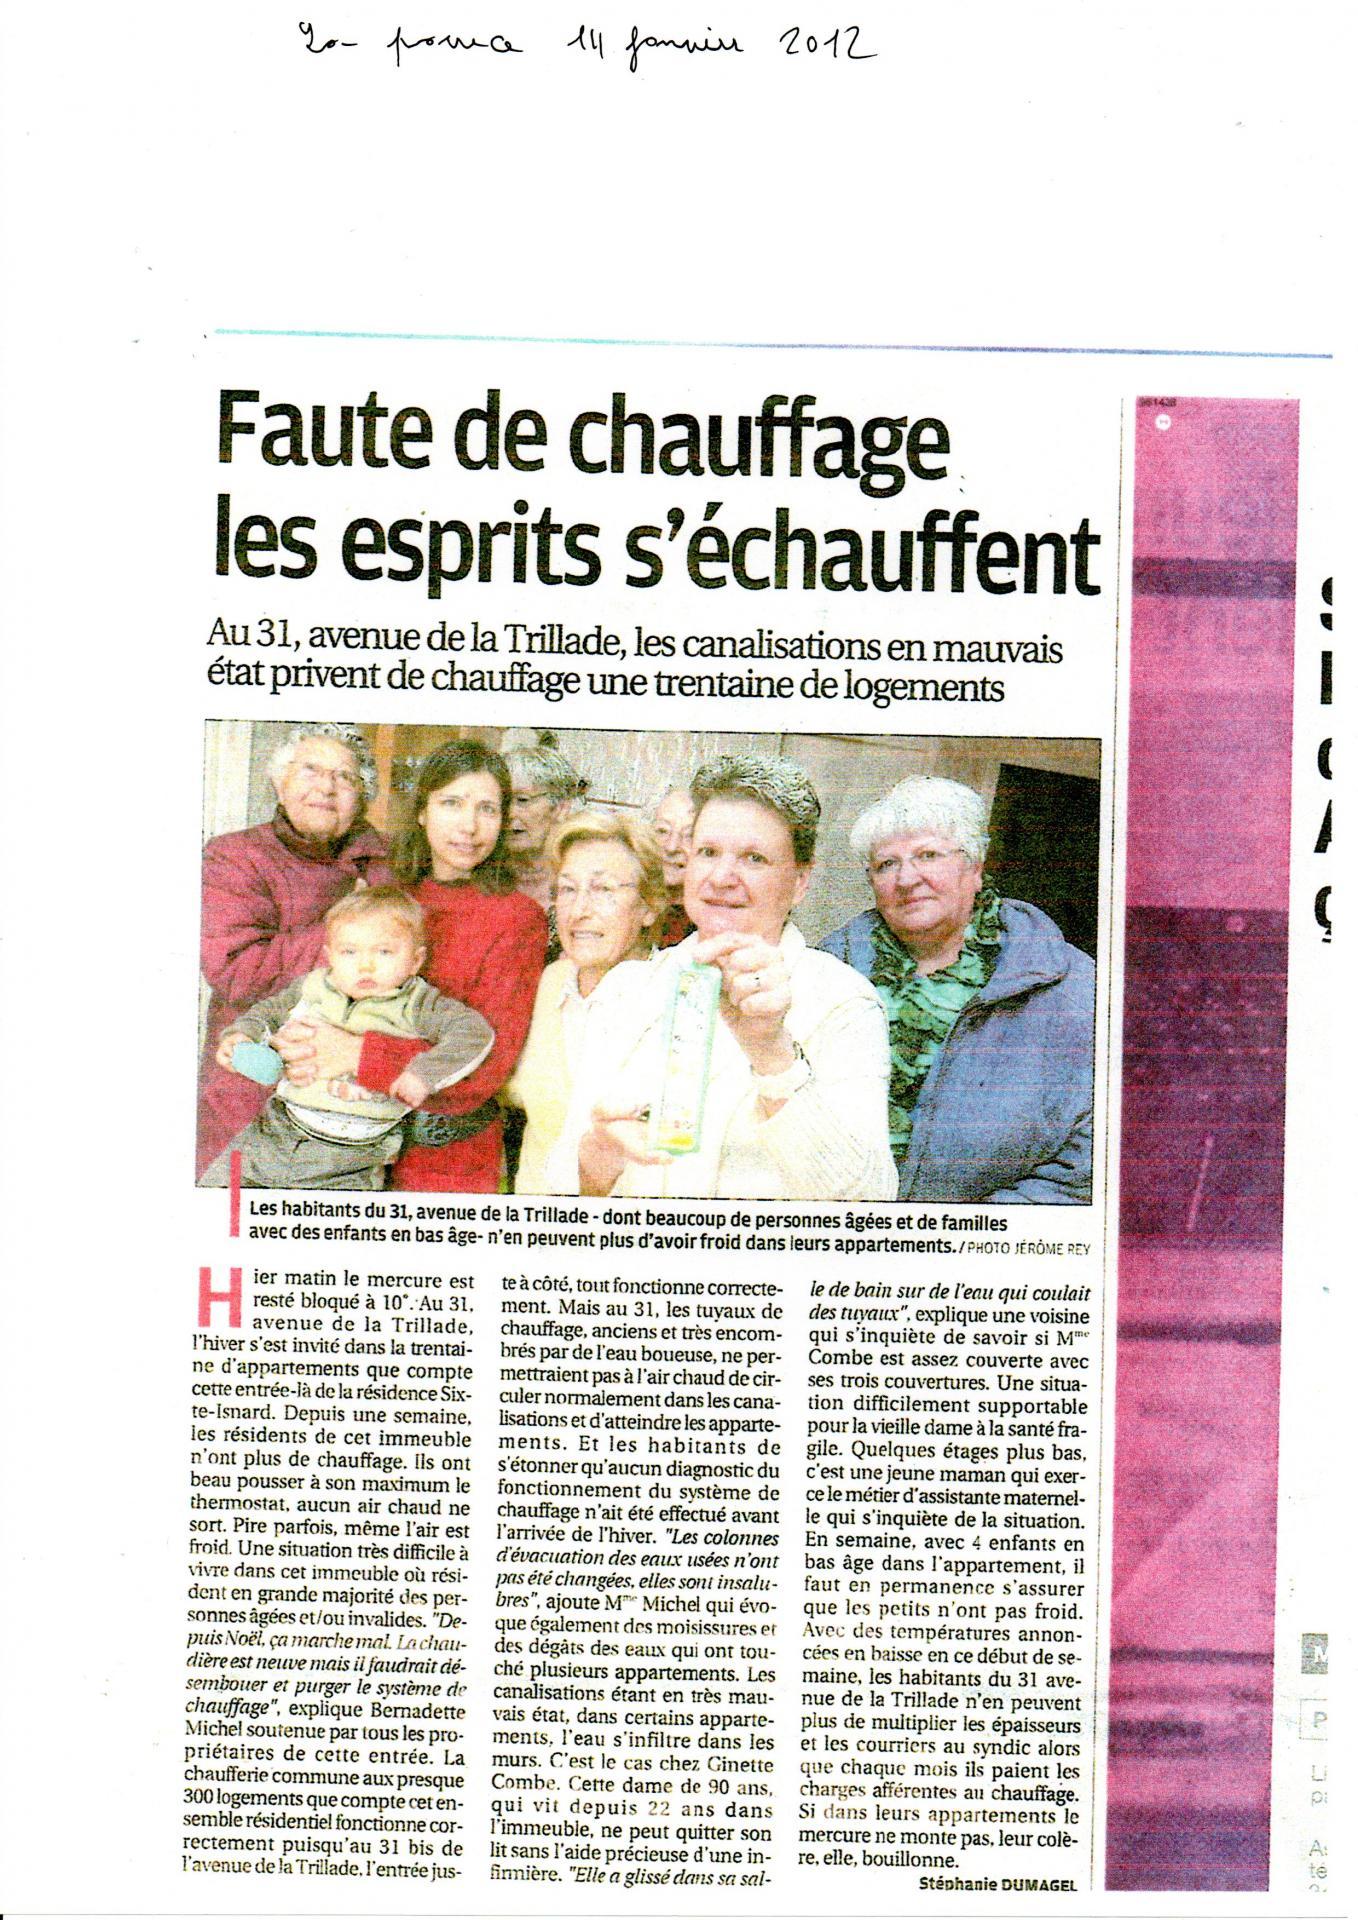 Problèmes de réactivité syndic  concernant l'entretien du chauffage Article la Provence 01 2012